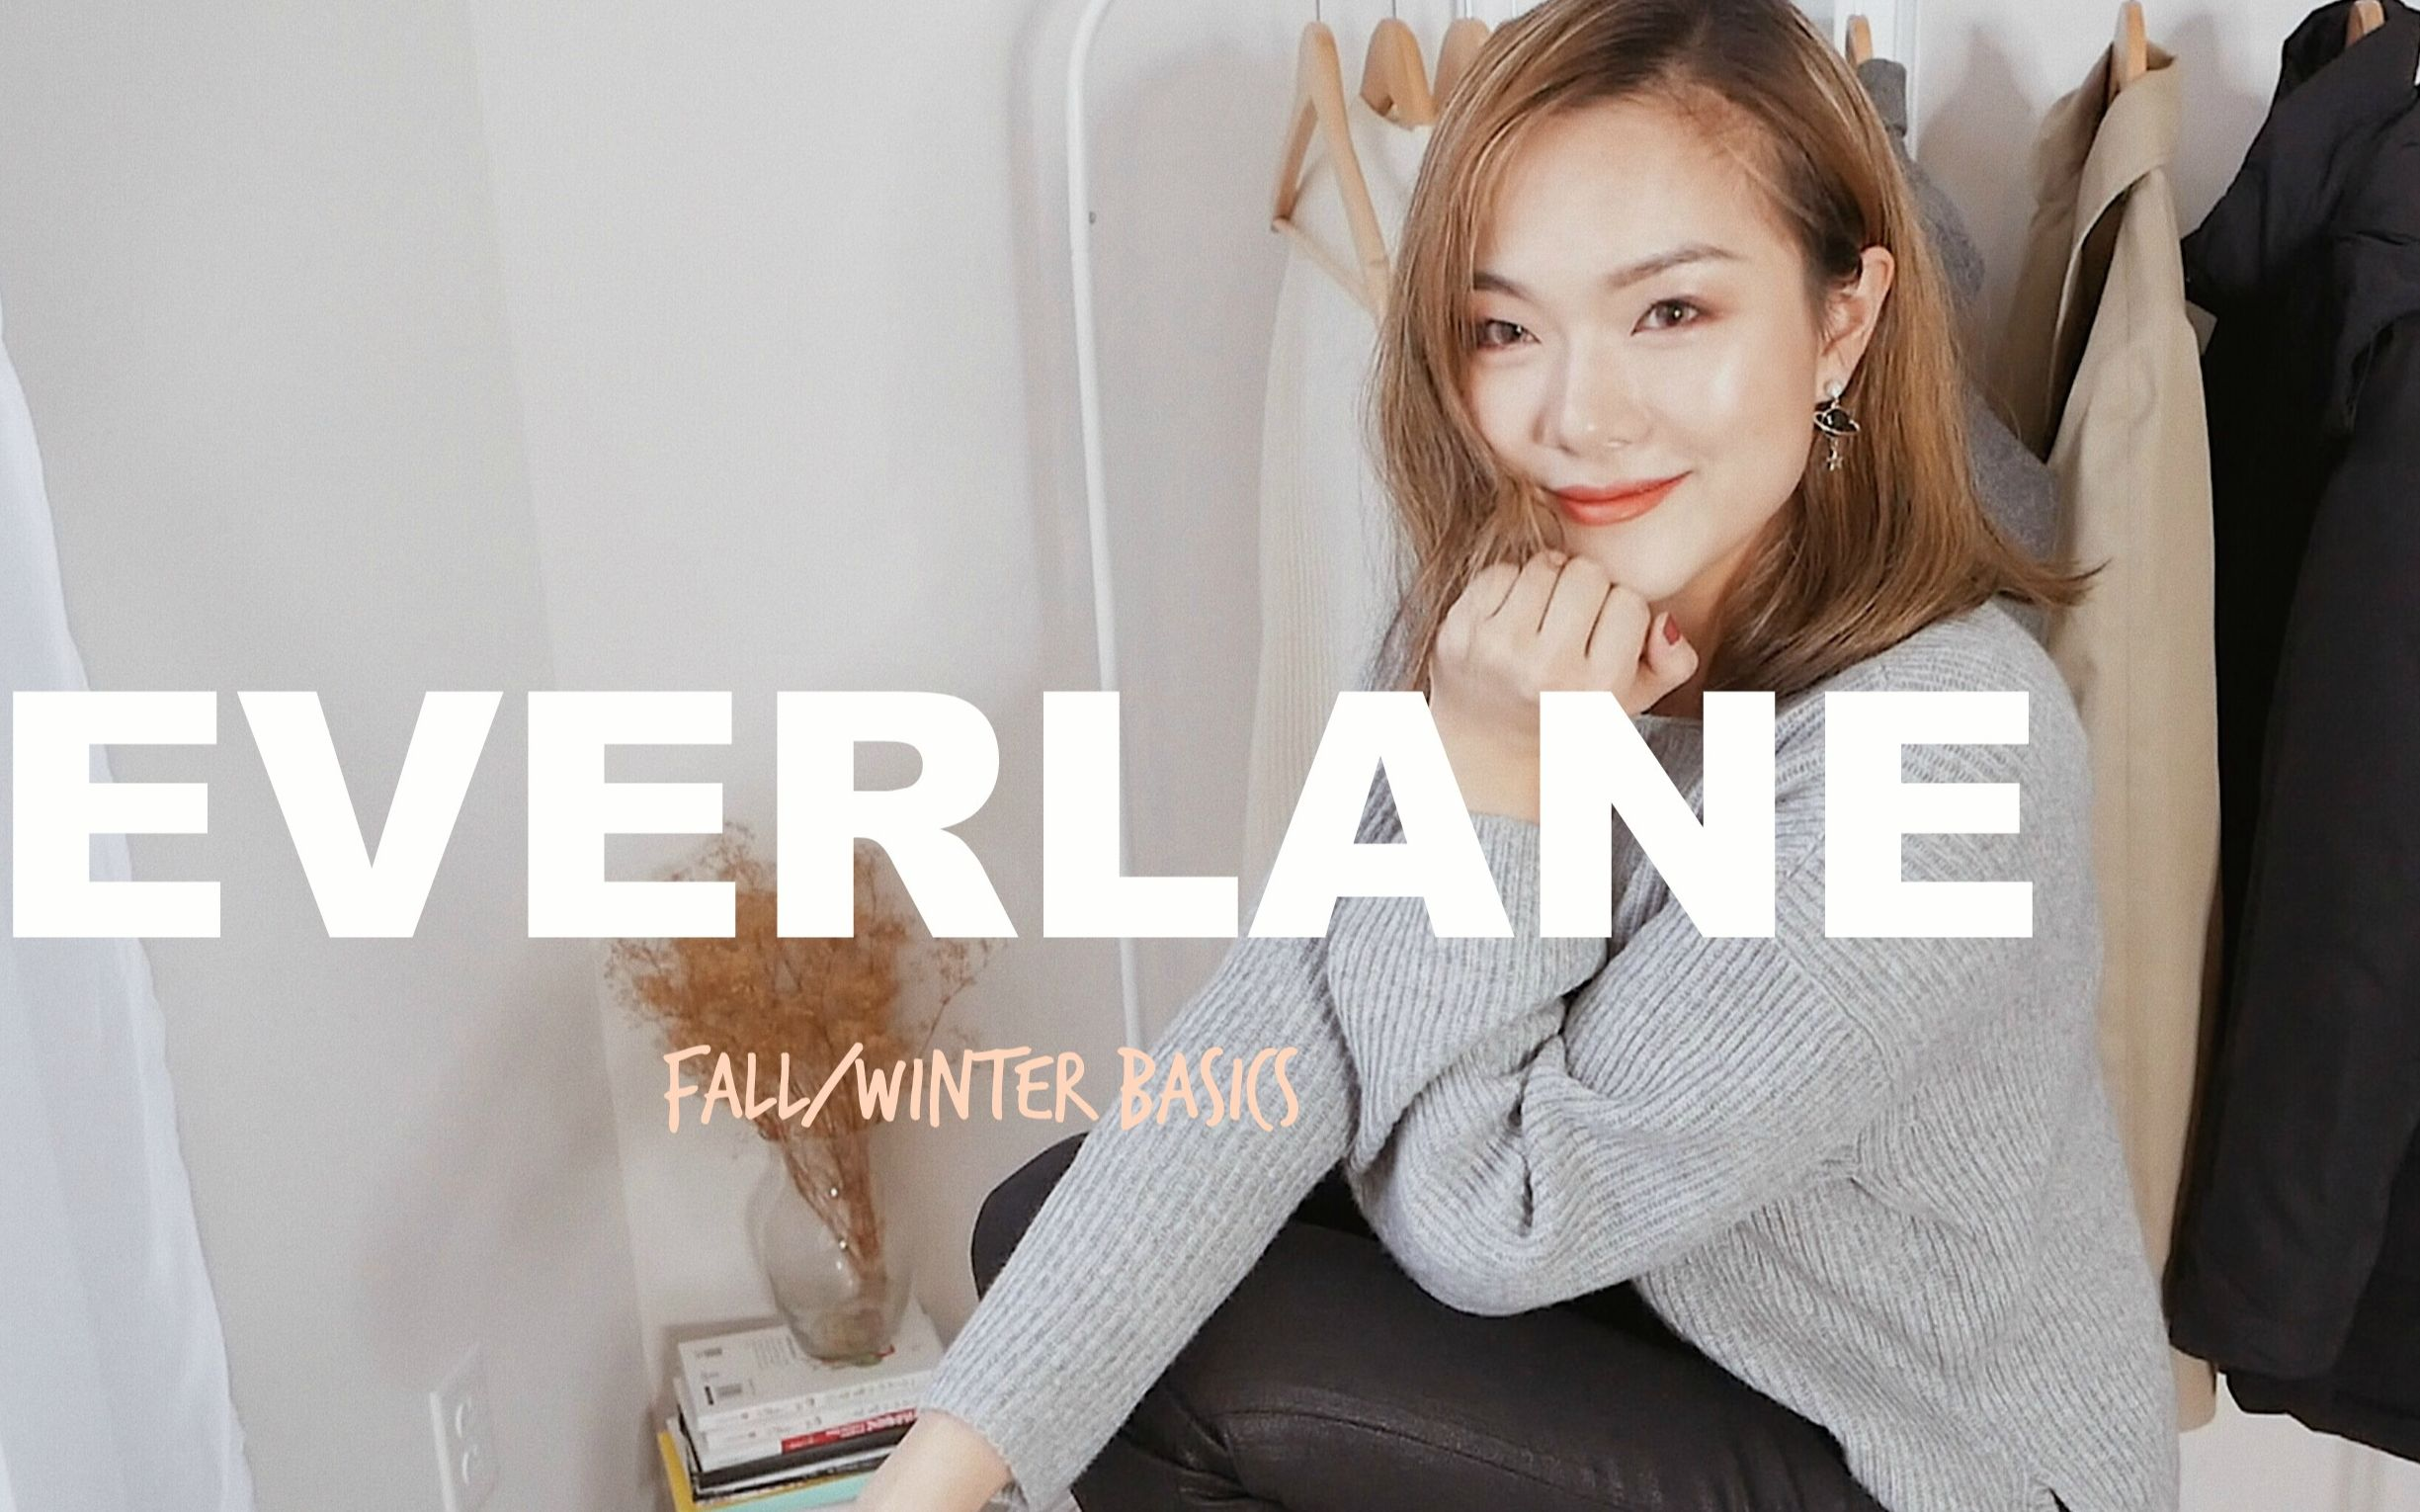 Everlane Winter Basics 秋冬衣橱必备基本款  毛衣靴子大棉袄啥都有